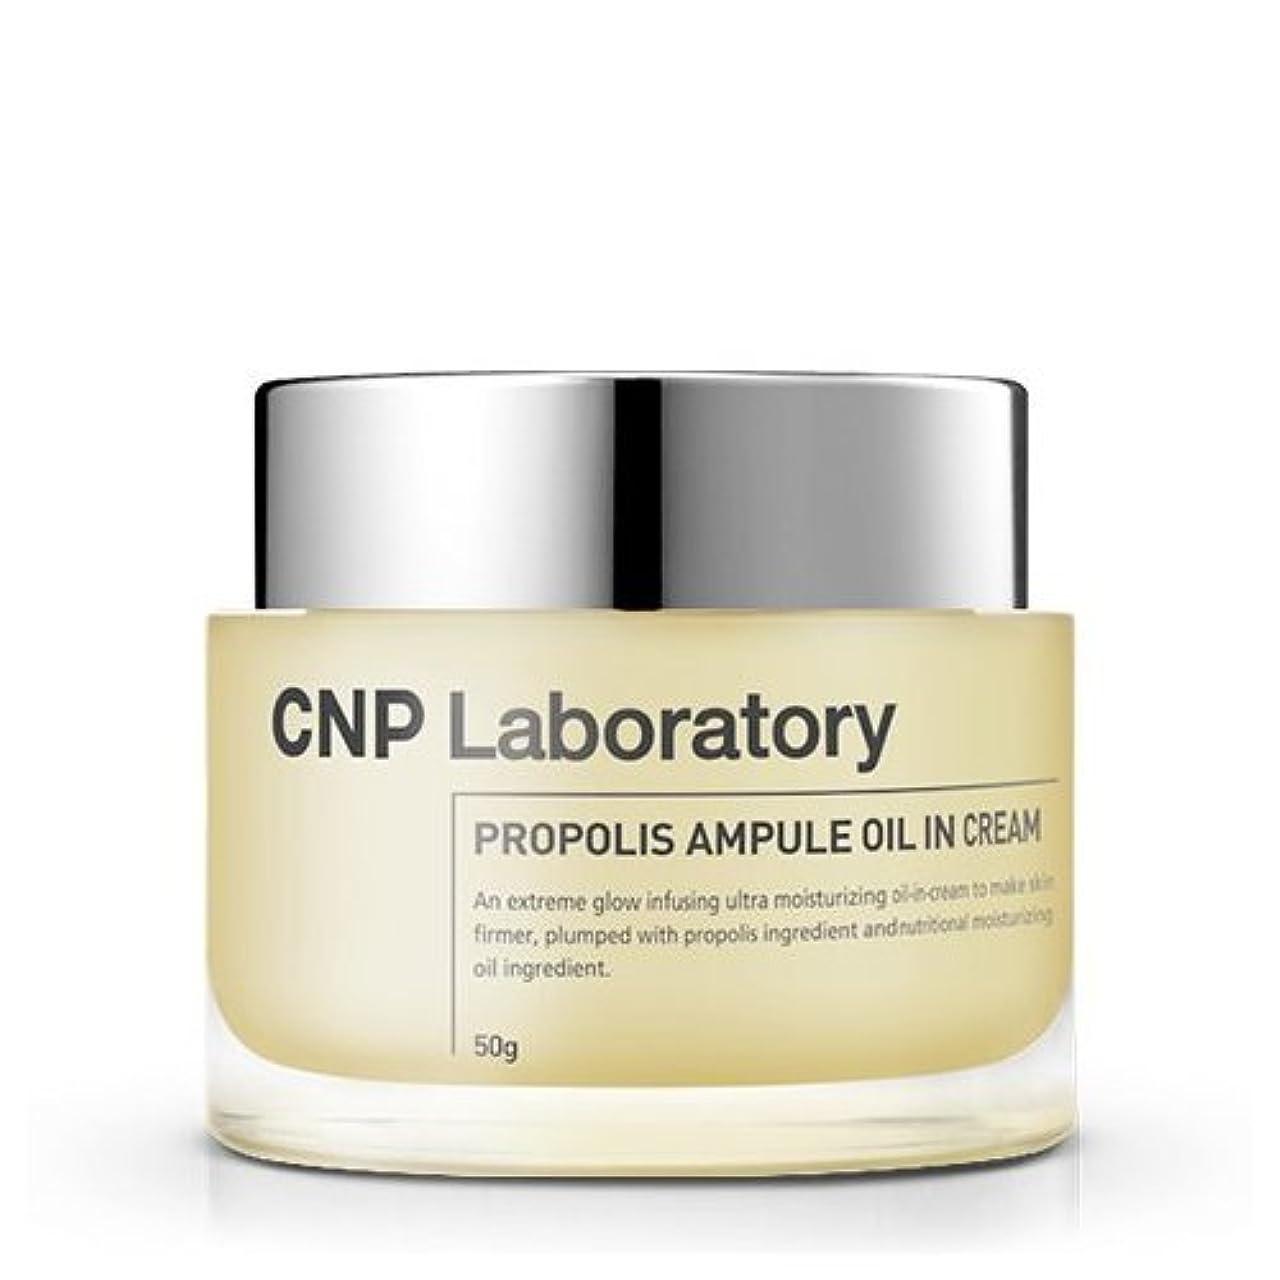 メナジェリーブラウズ拒否CNP Laboratory プロポリスアンプルオイルインクリーム50ミリリットル